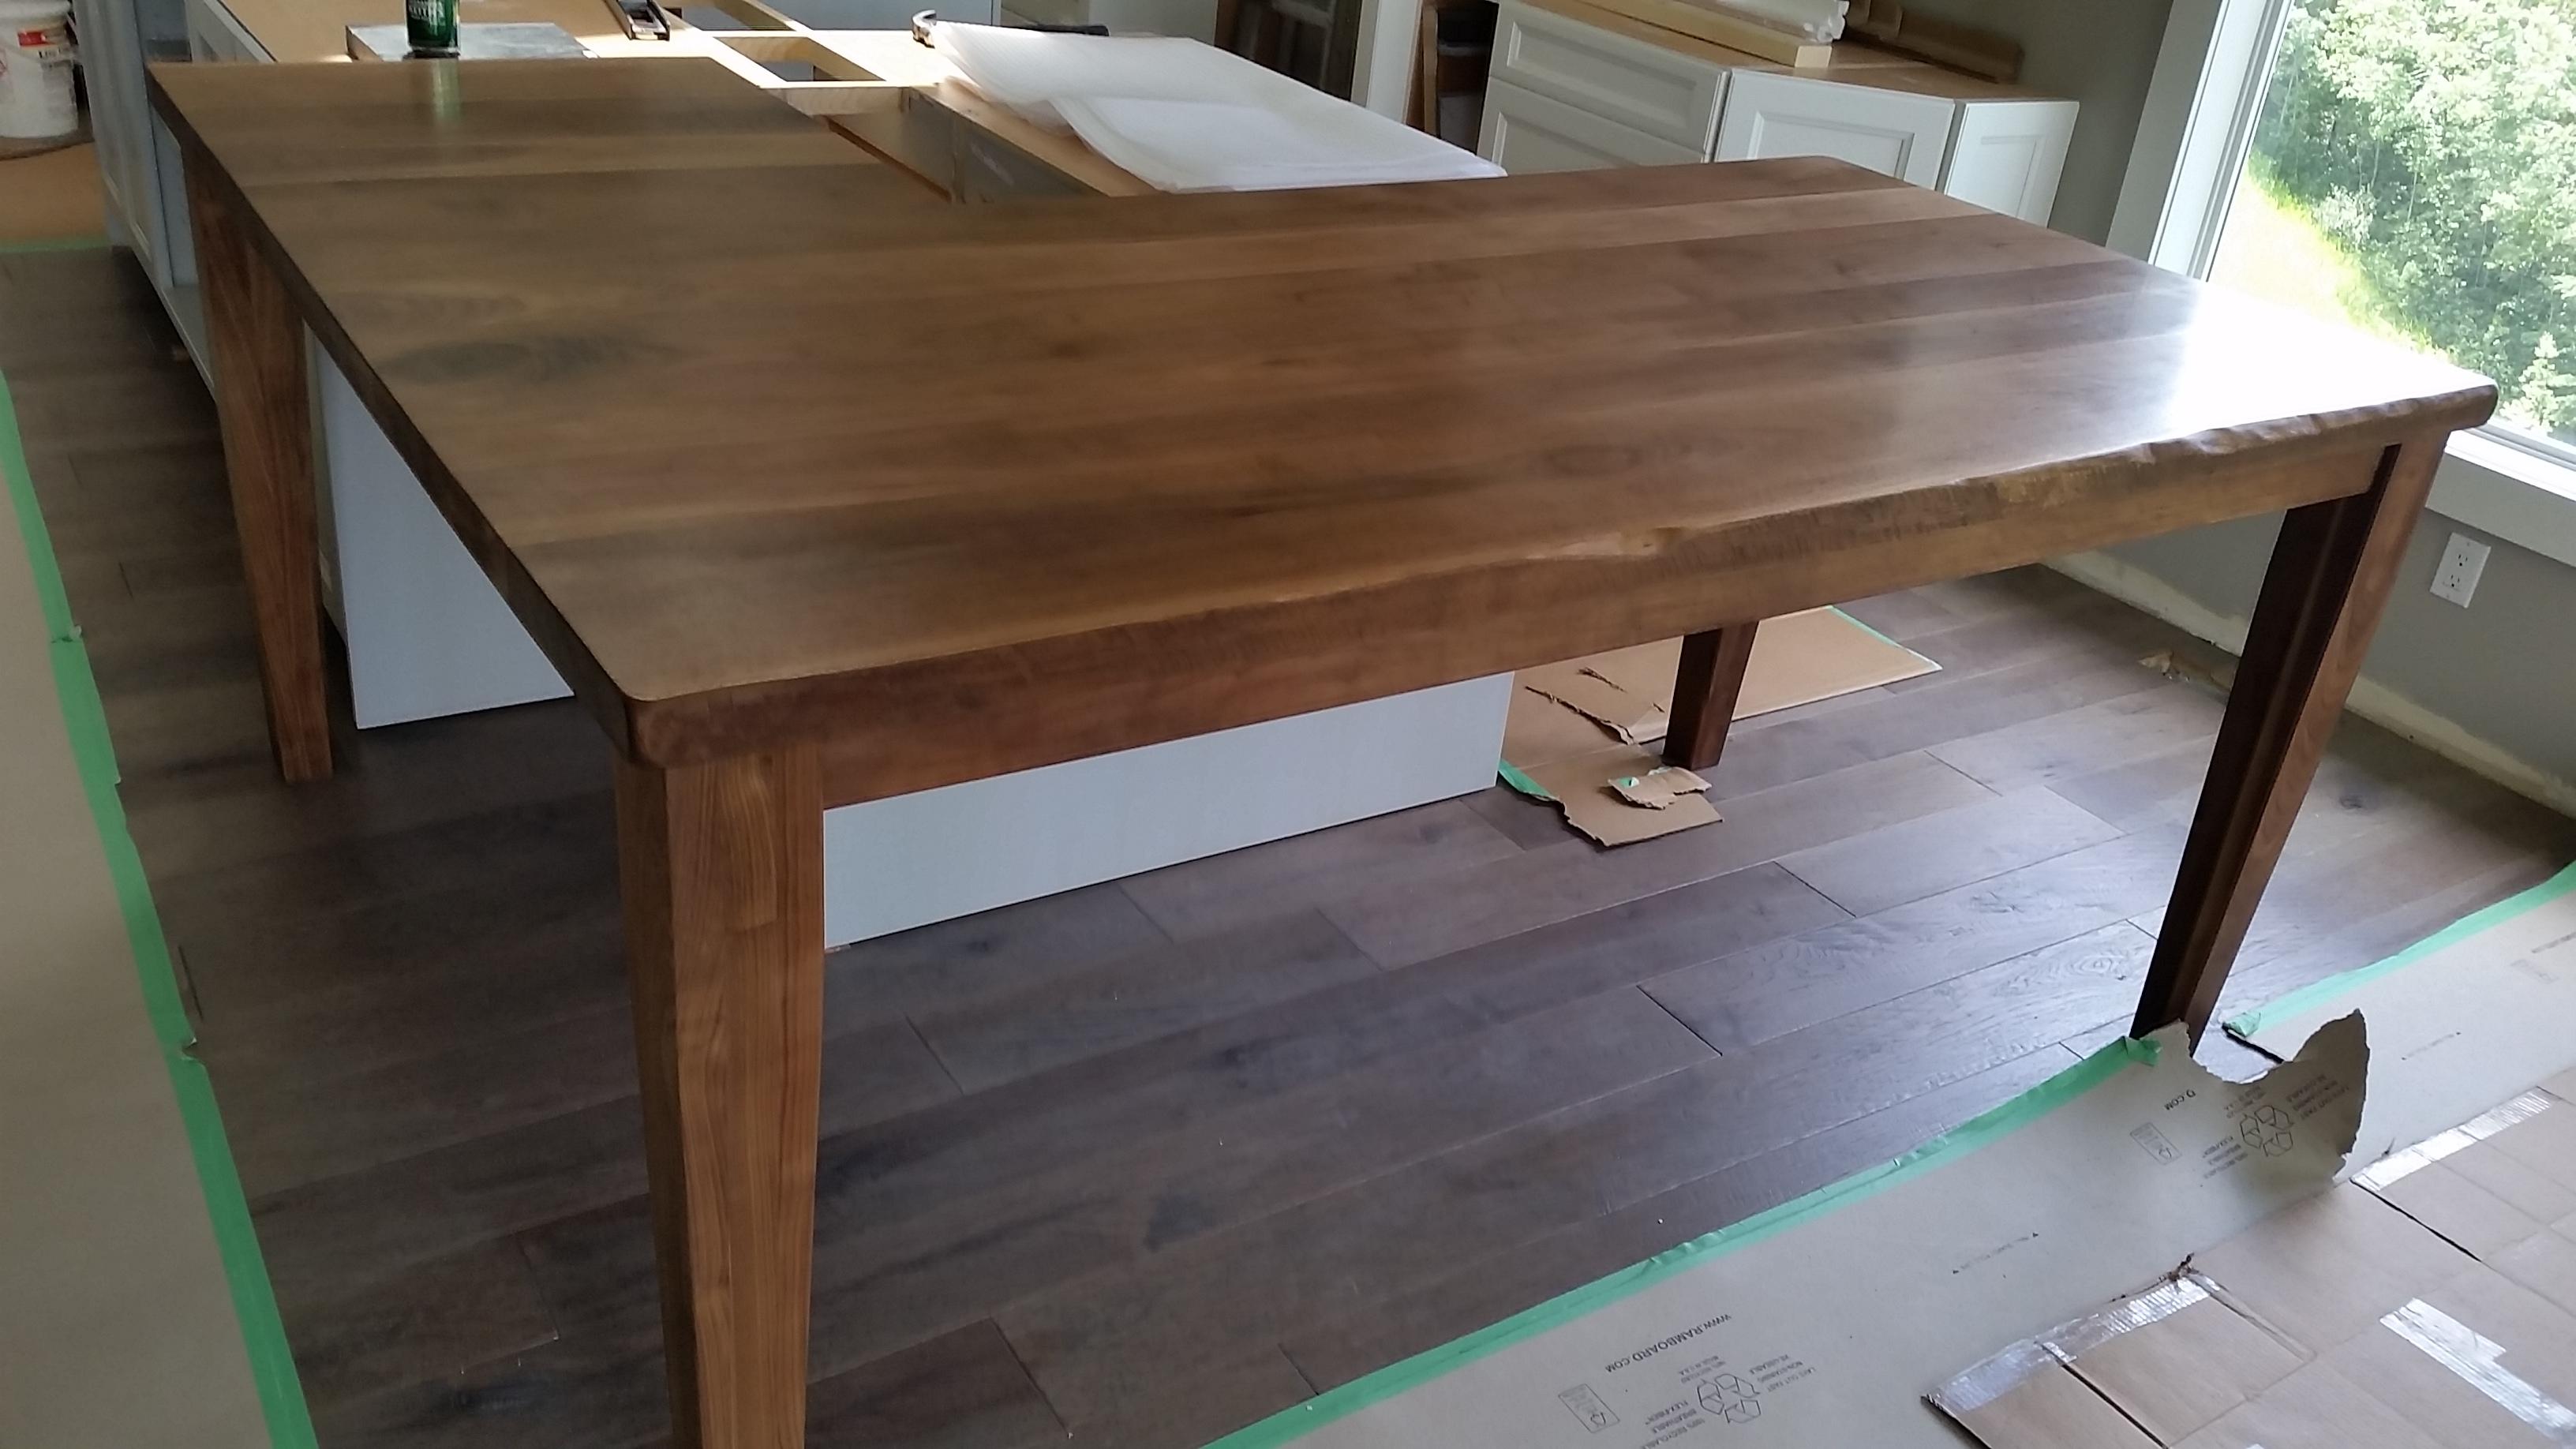 20160619 141310 Refined Rustic Furniture